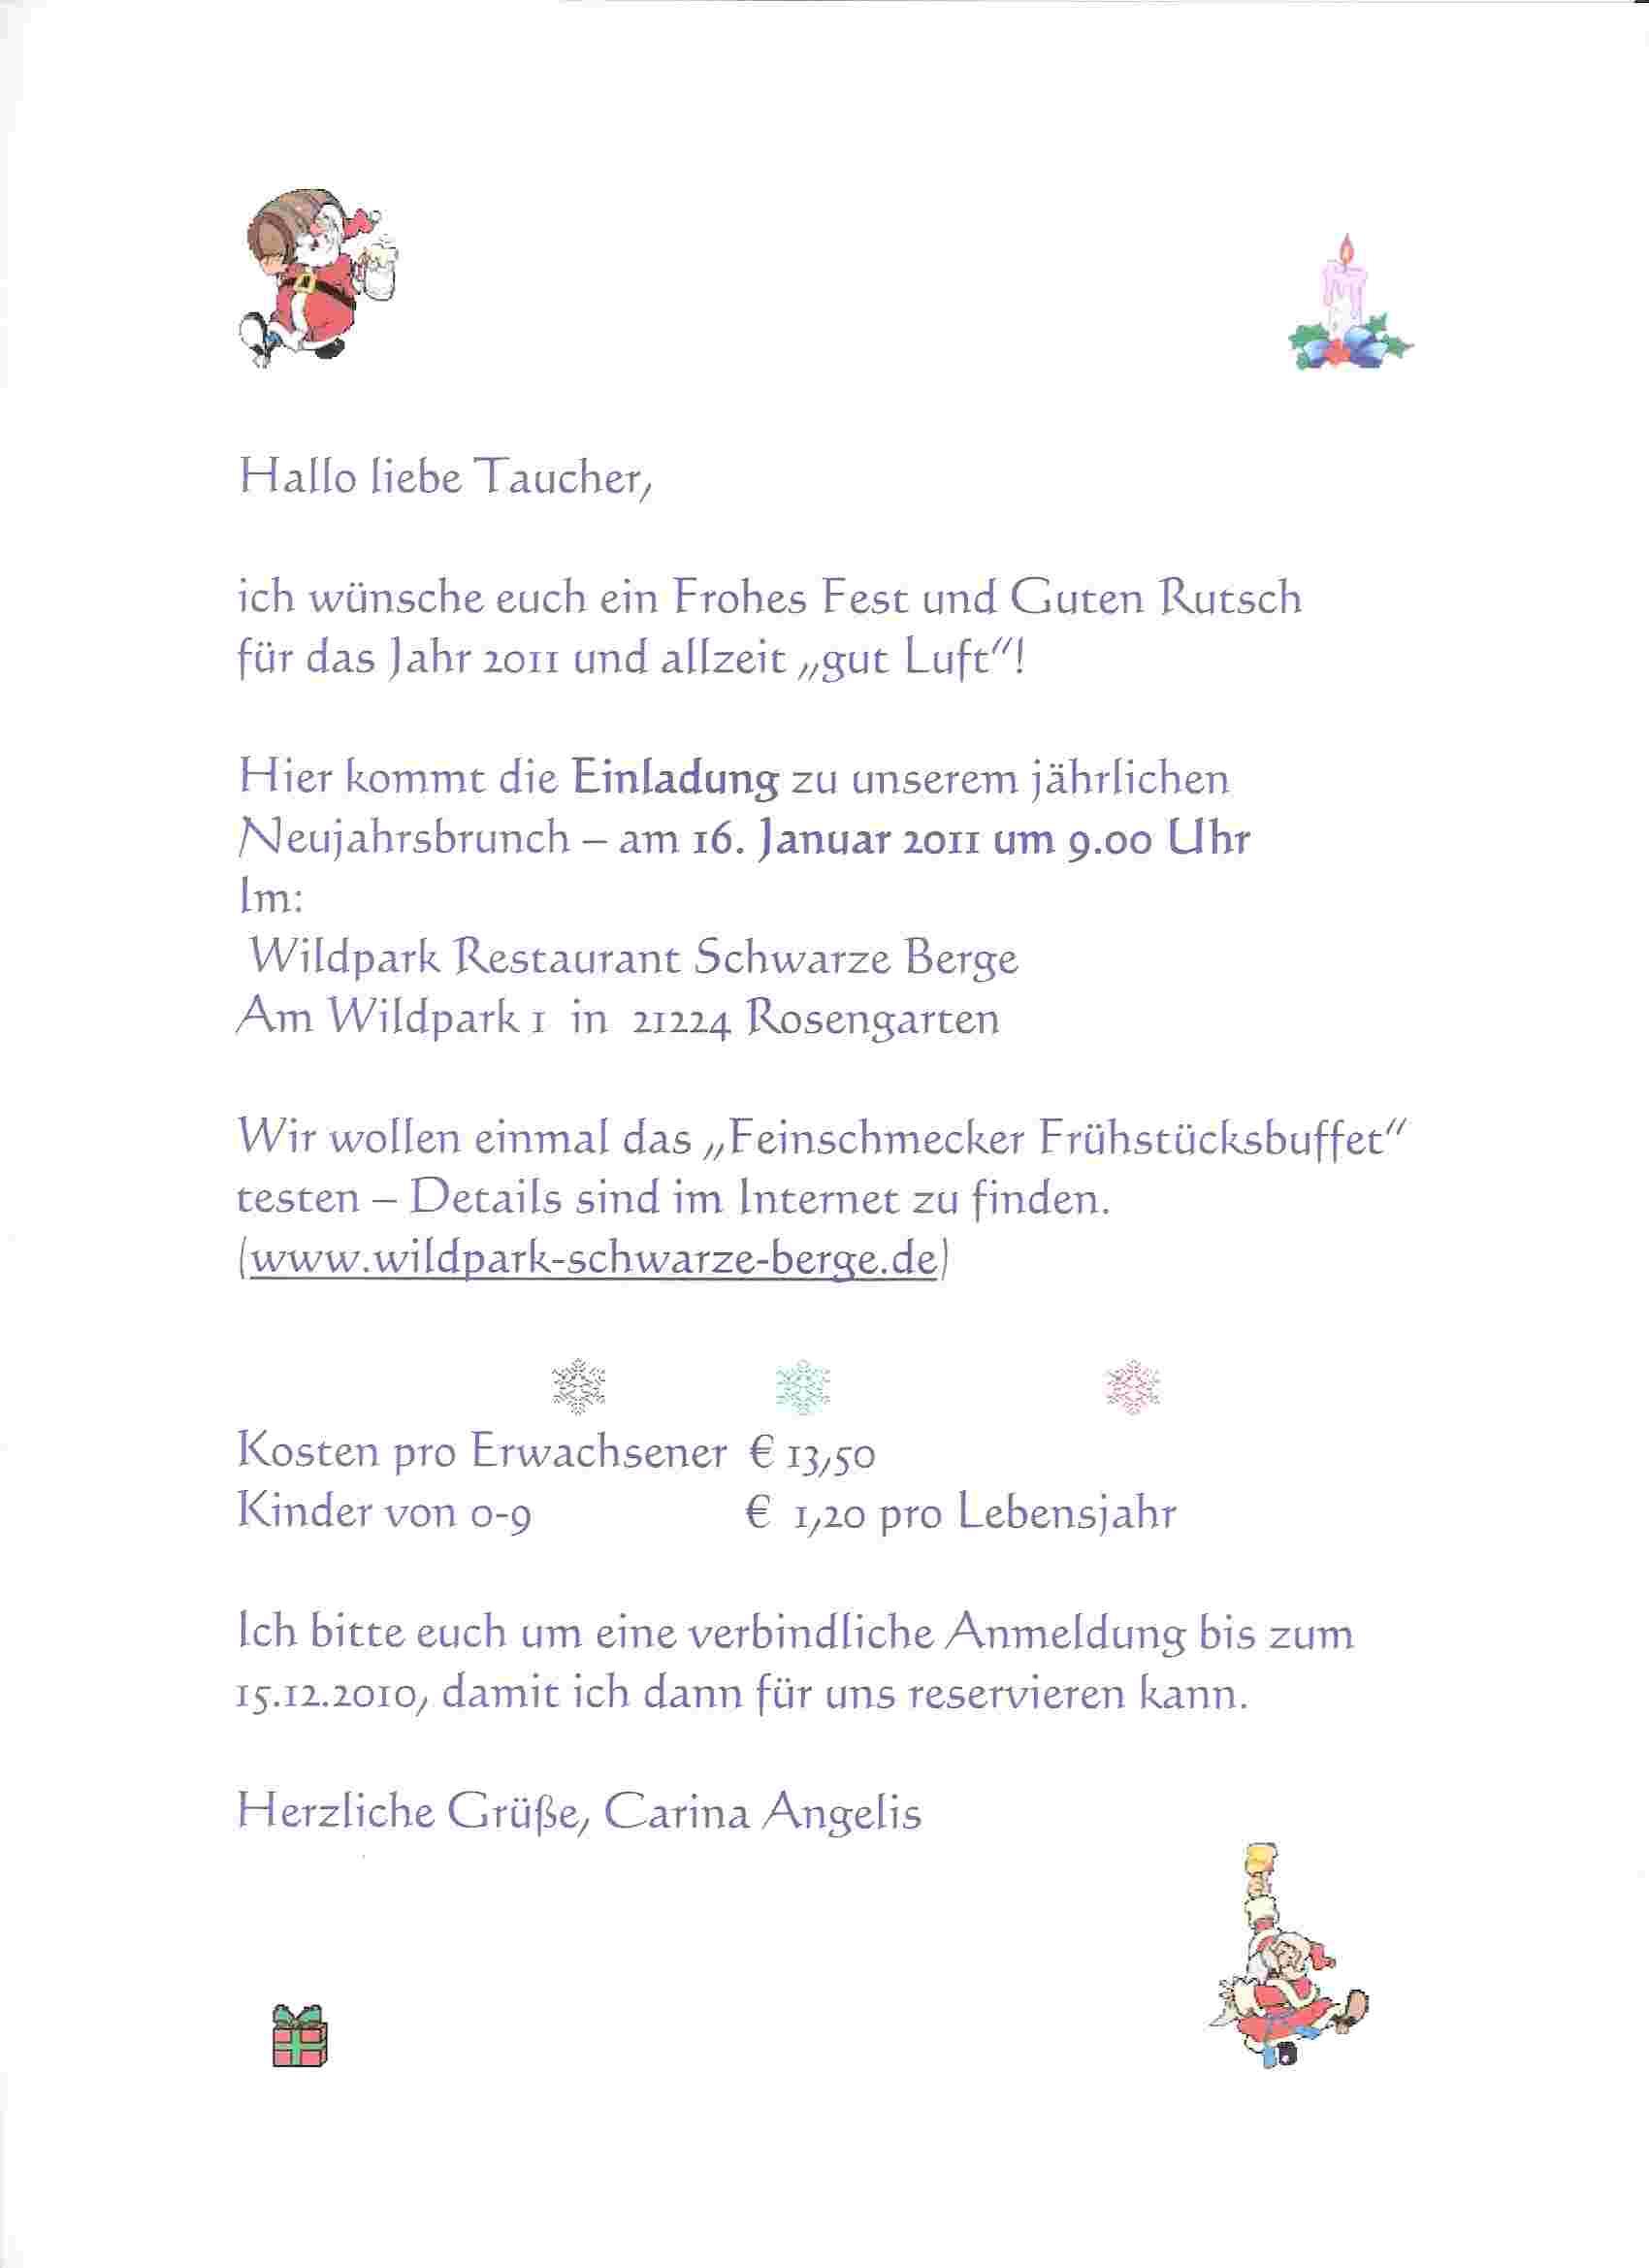 tsh tauchgruppe » blog archiv » einladung zum brunch am 16.01.2011, Einladung